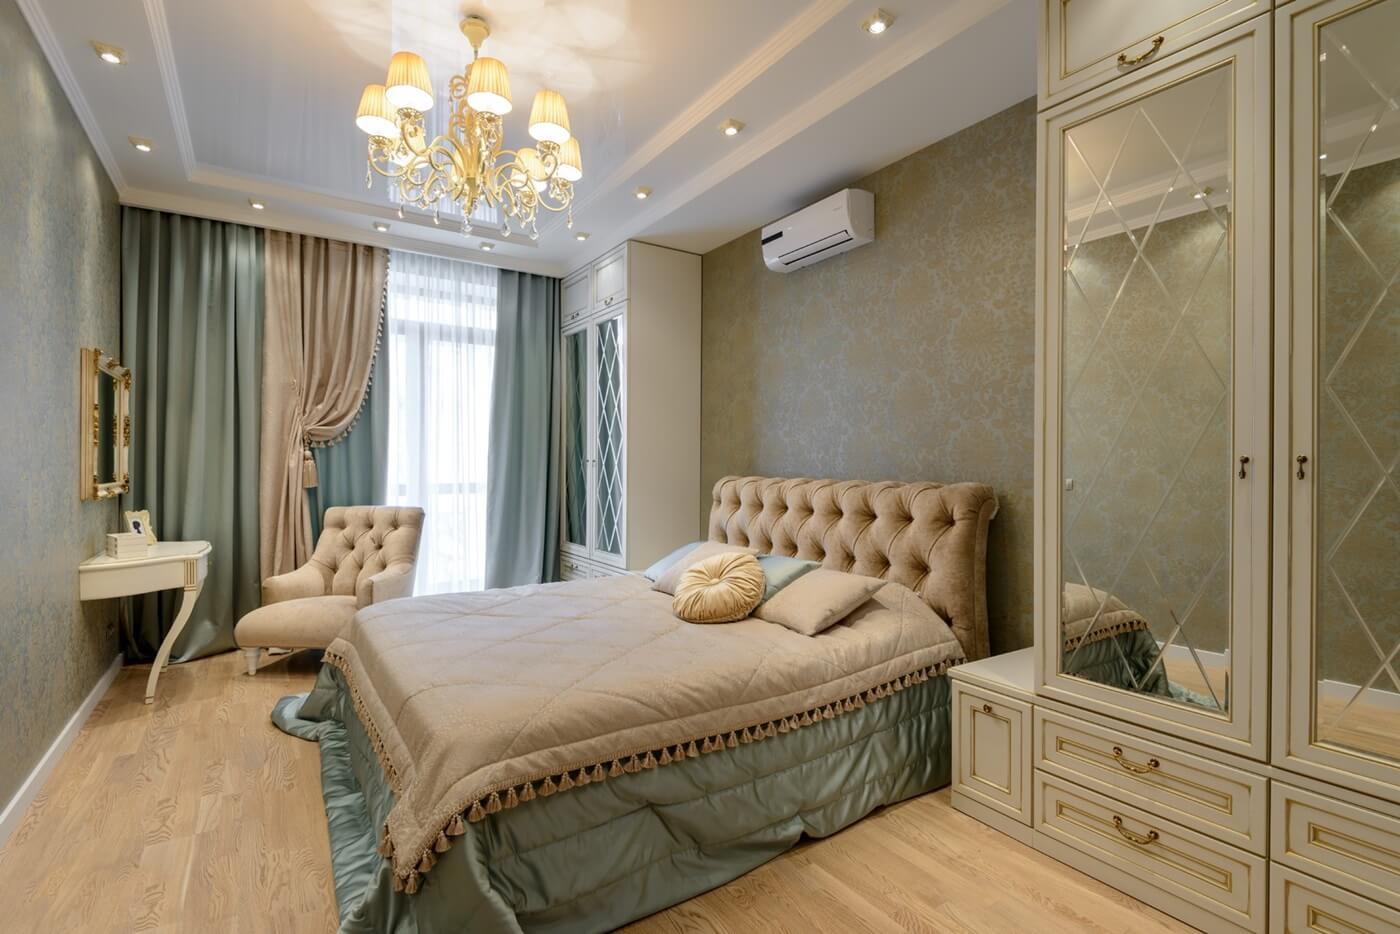 кровать в спальне дизайн идеи